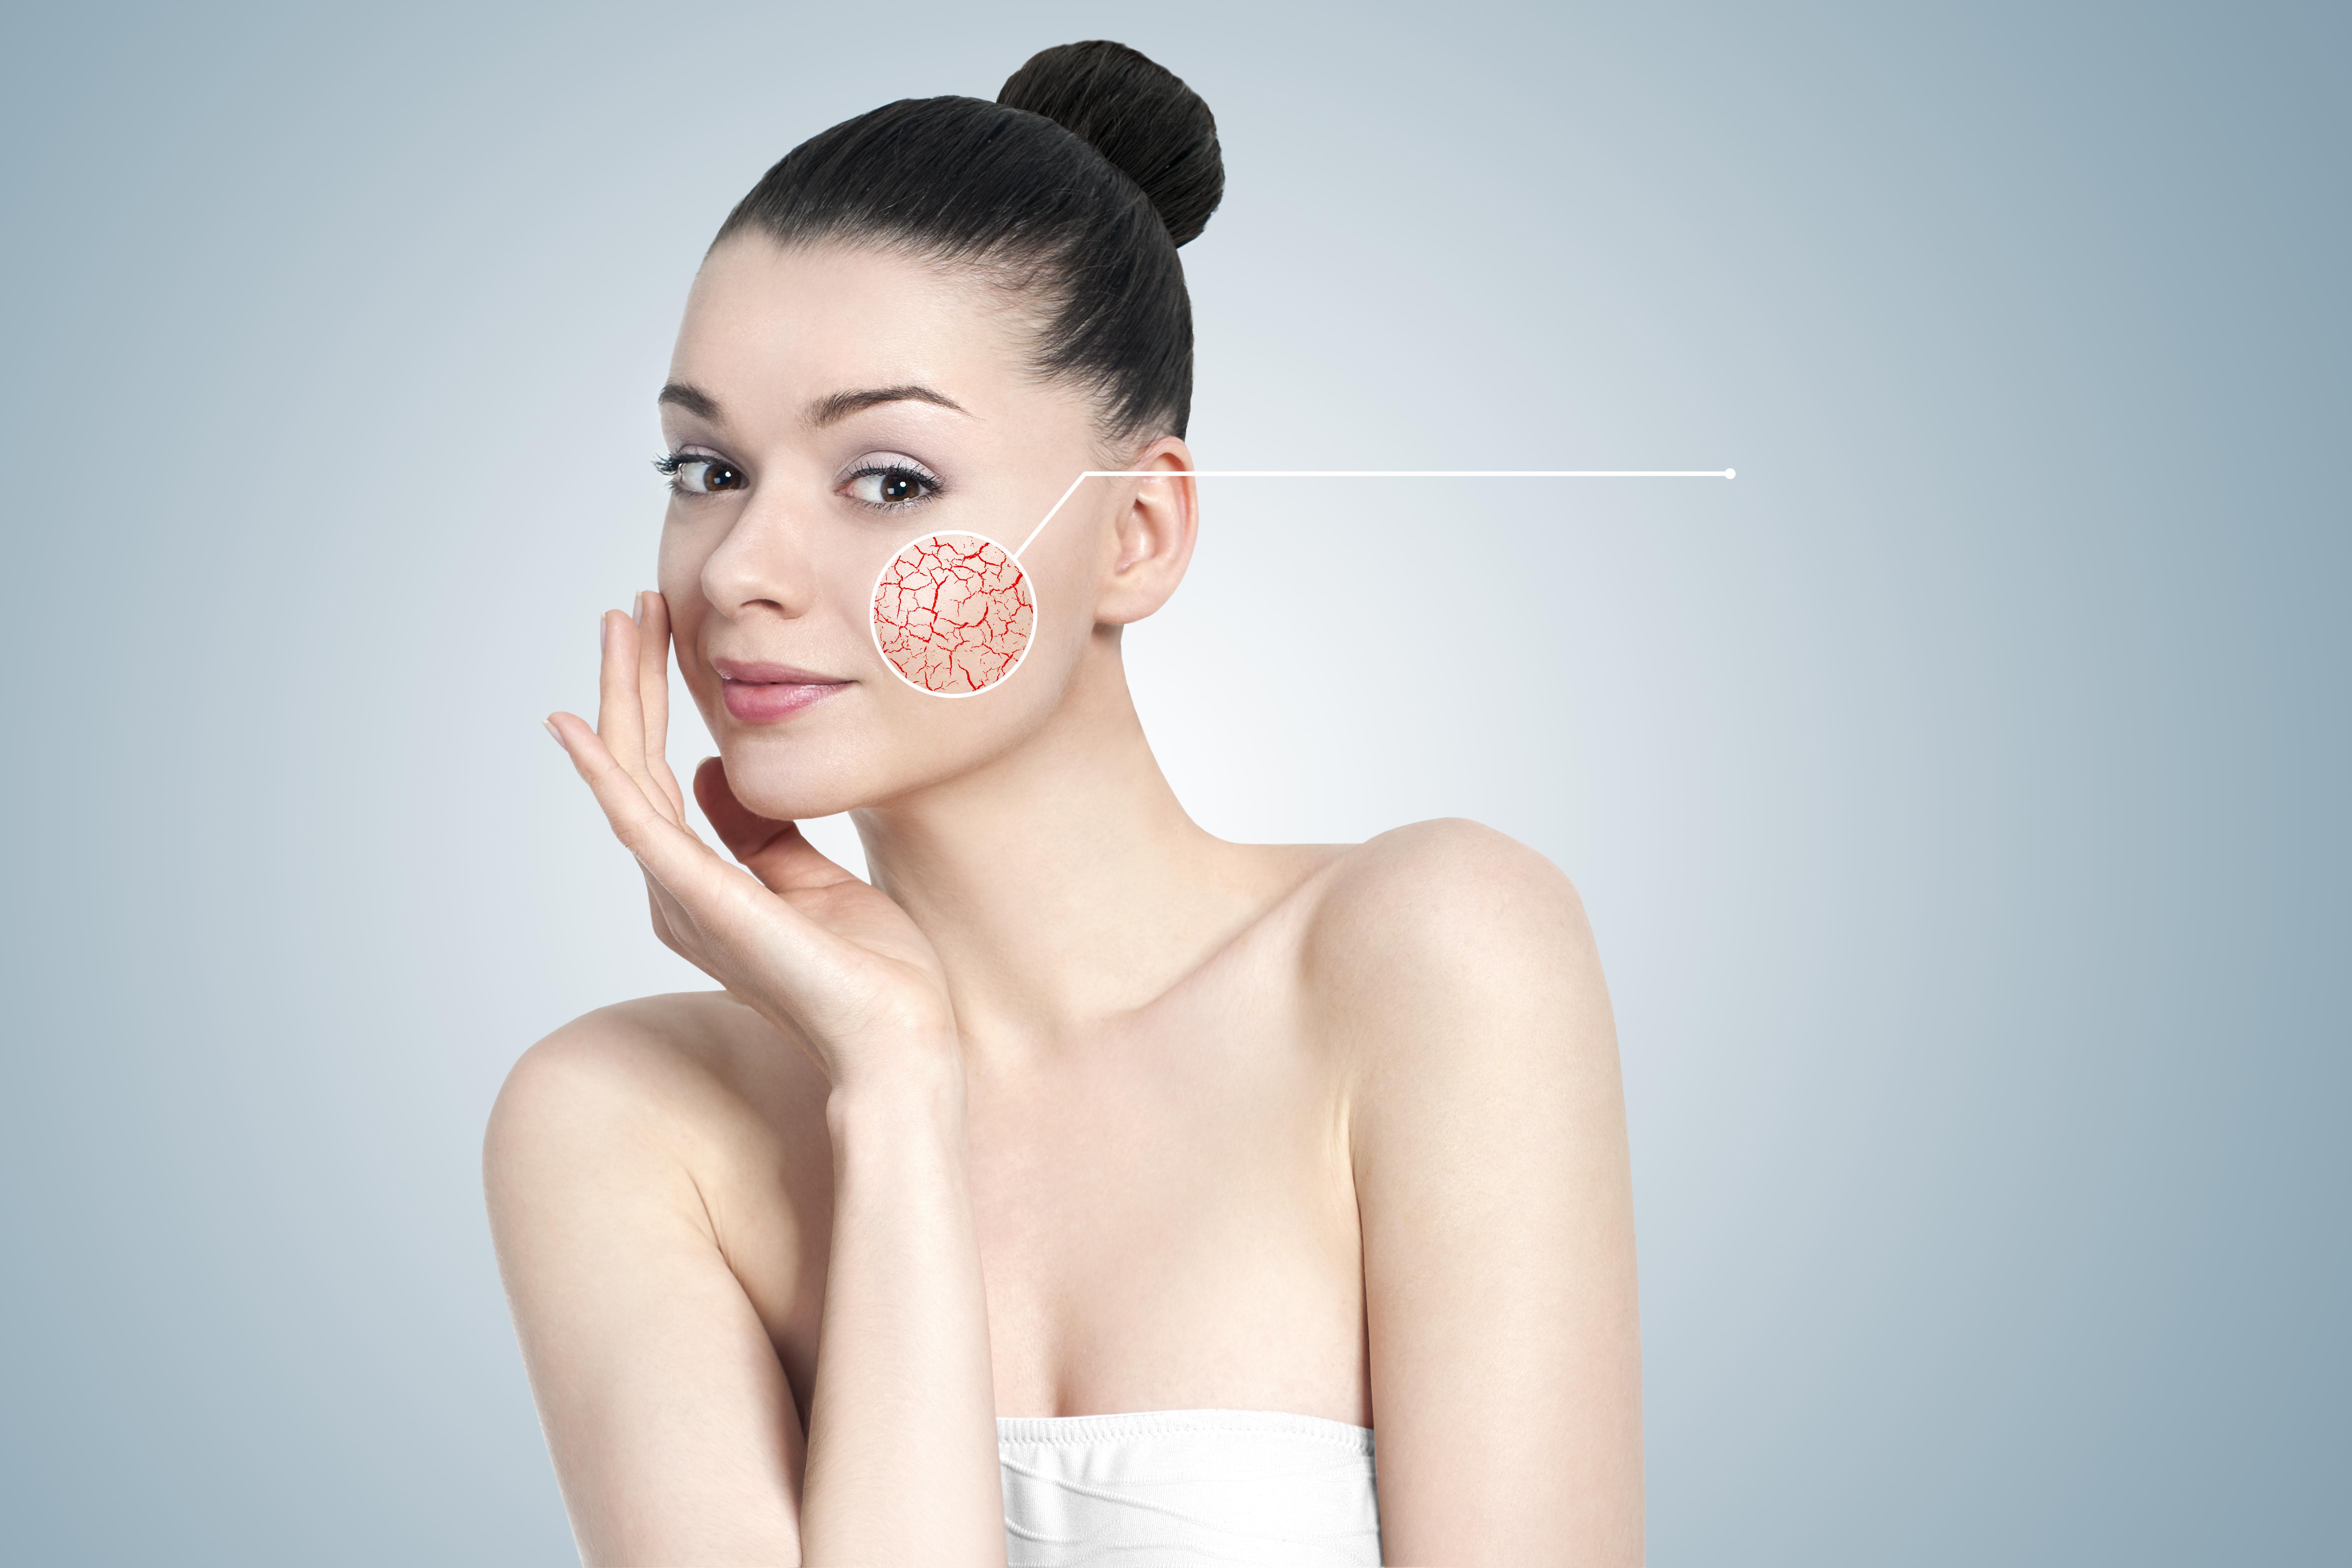 顔に毛細血管が透けている女性の画像